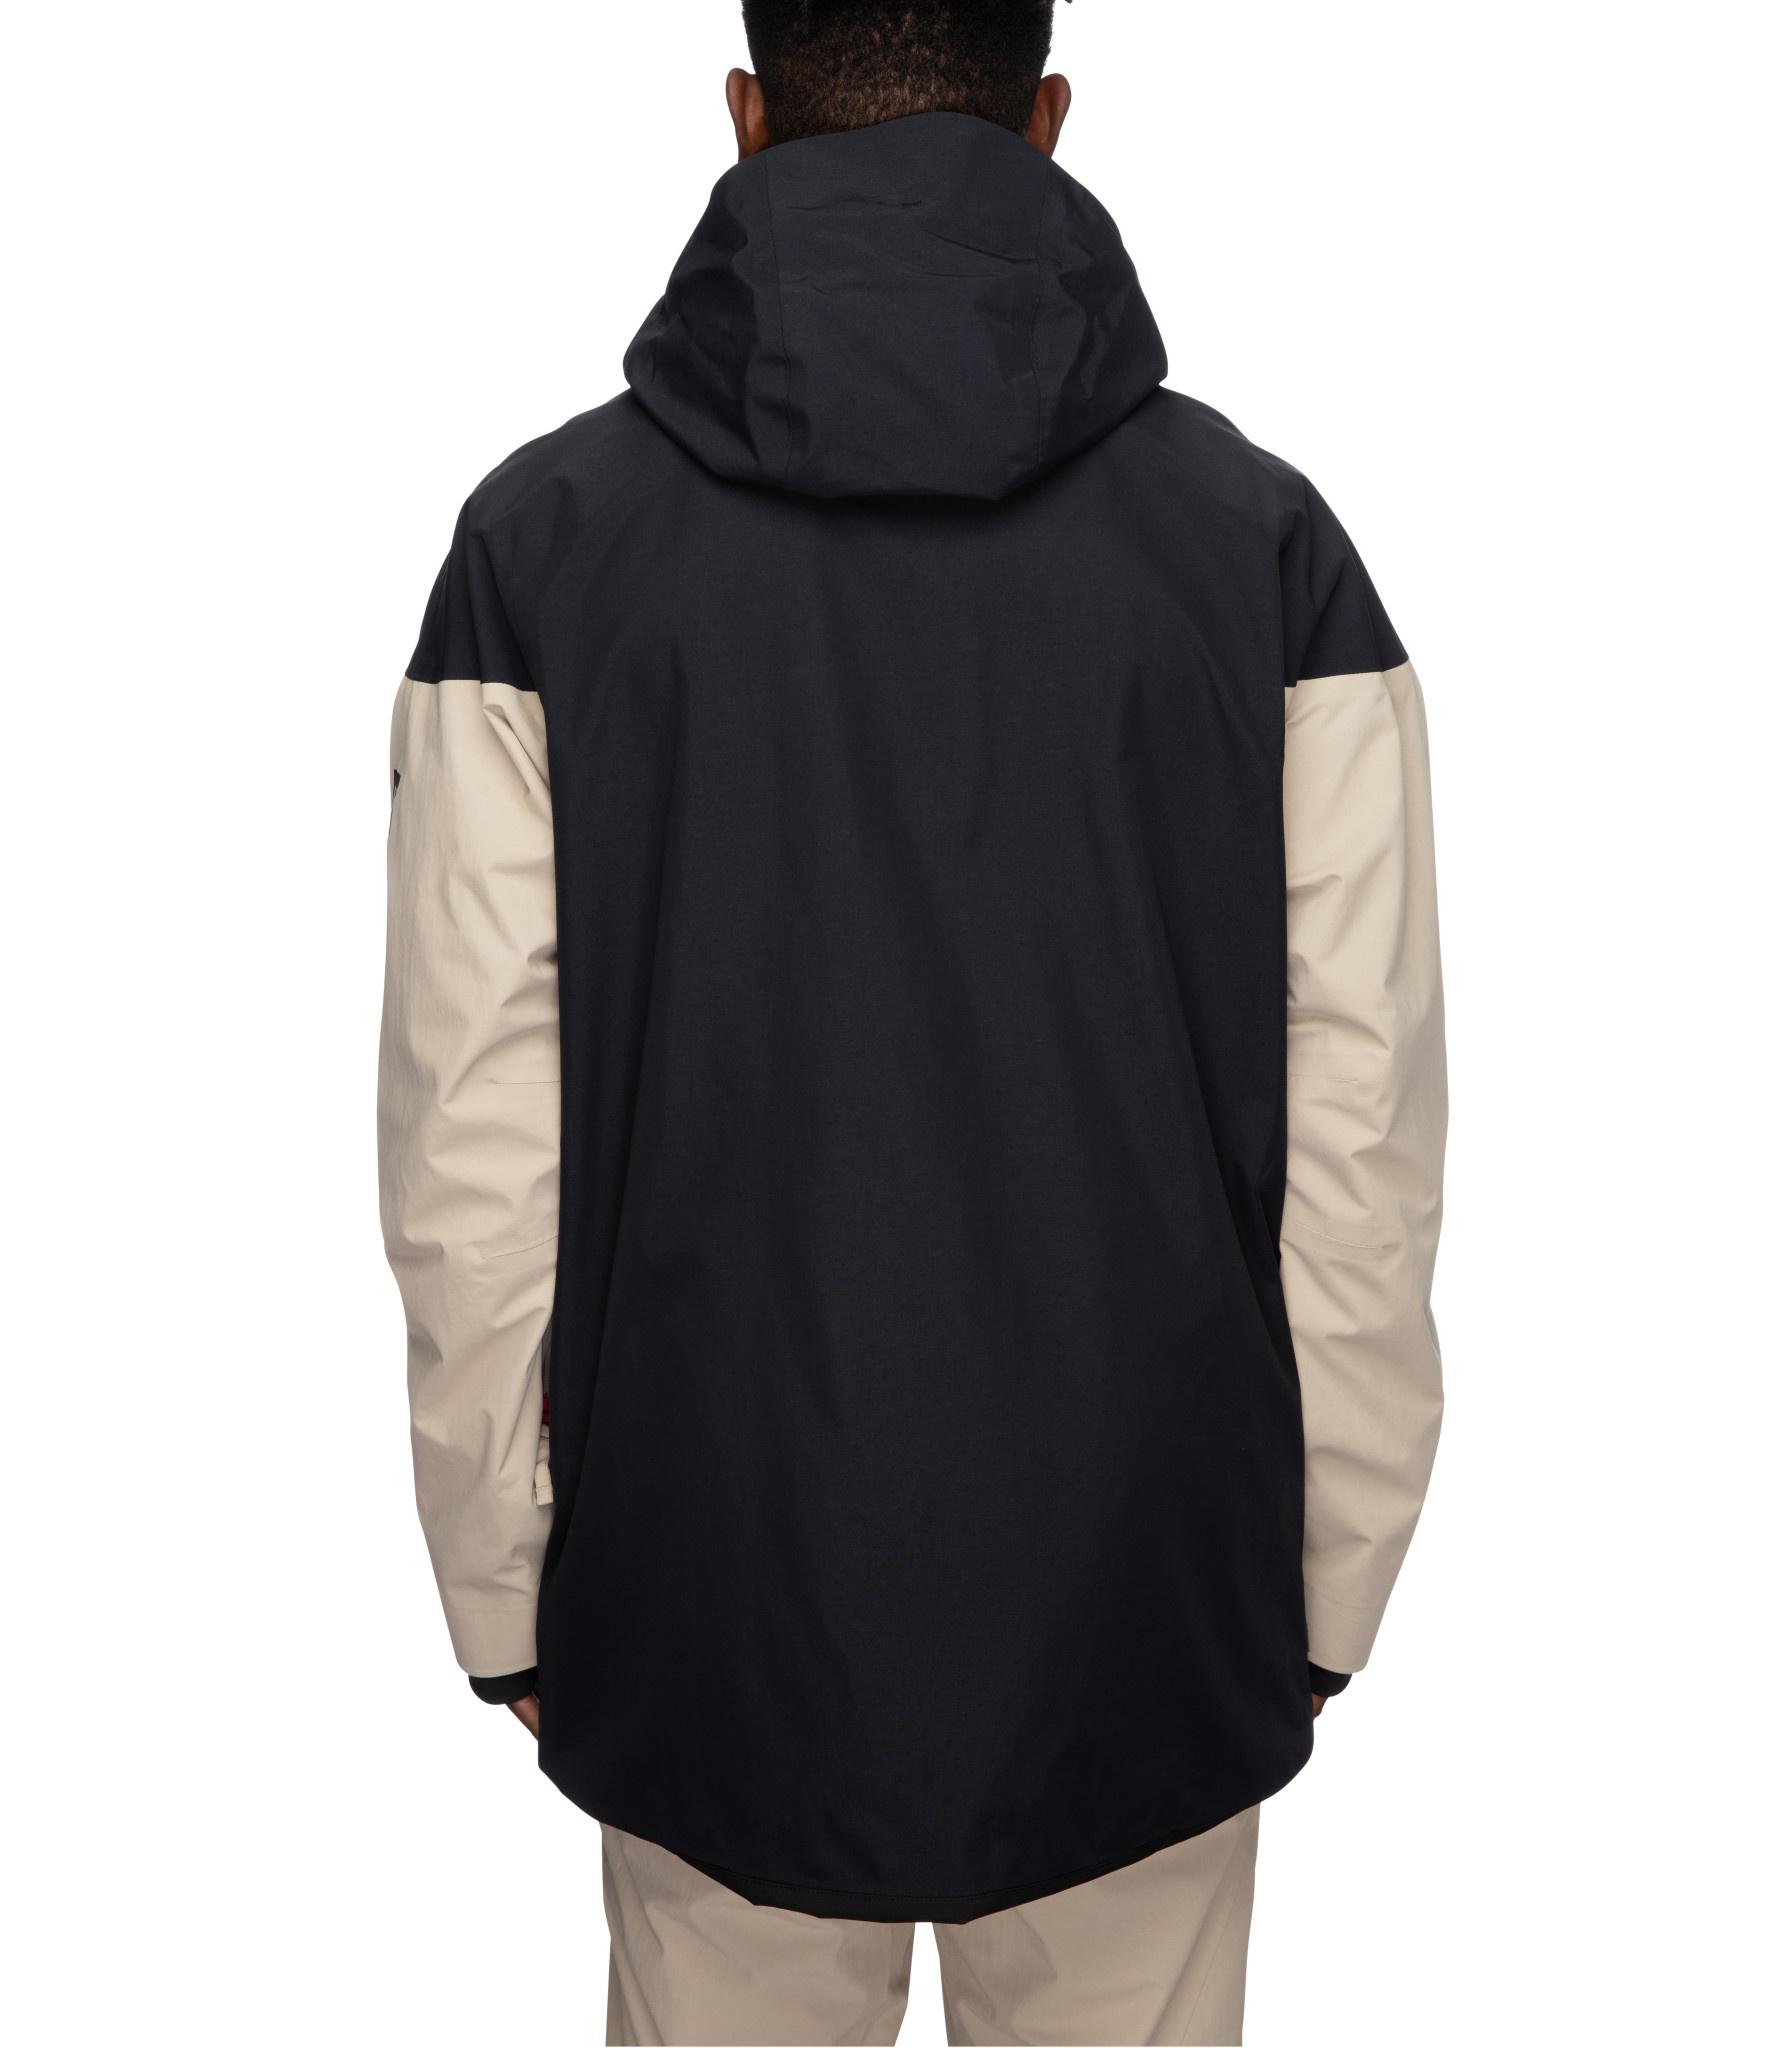 686 686 M's GLCR Gore-Tex Hydrastash Sync Jacket